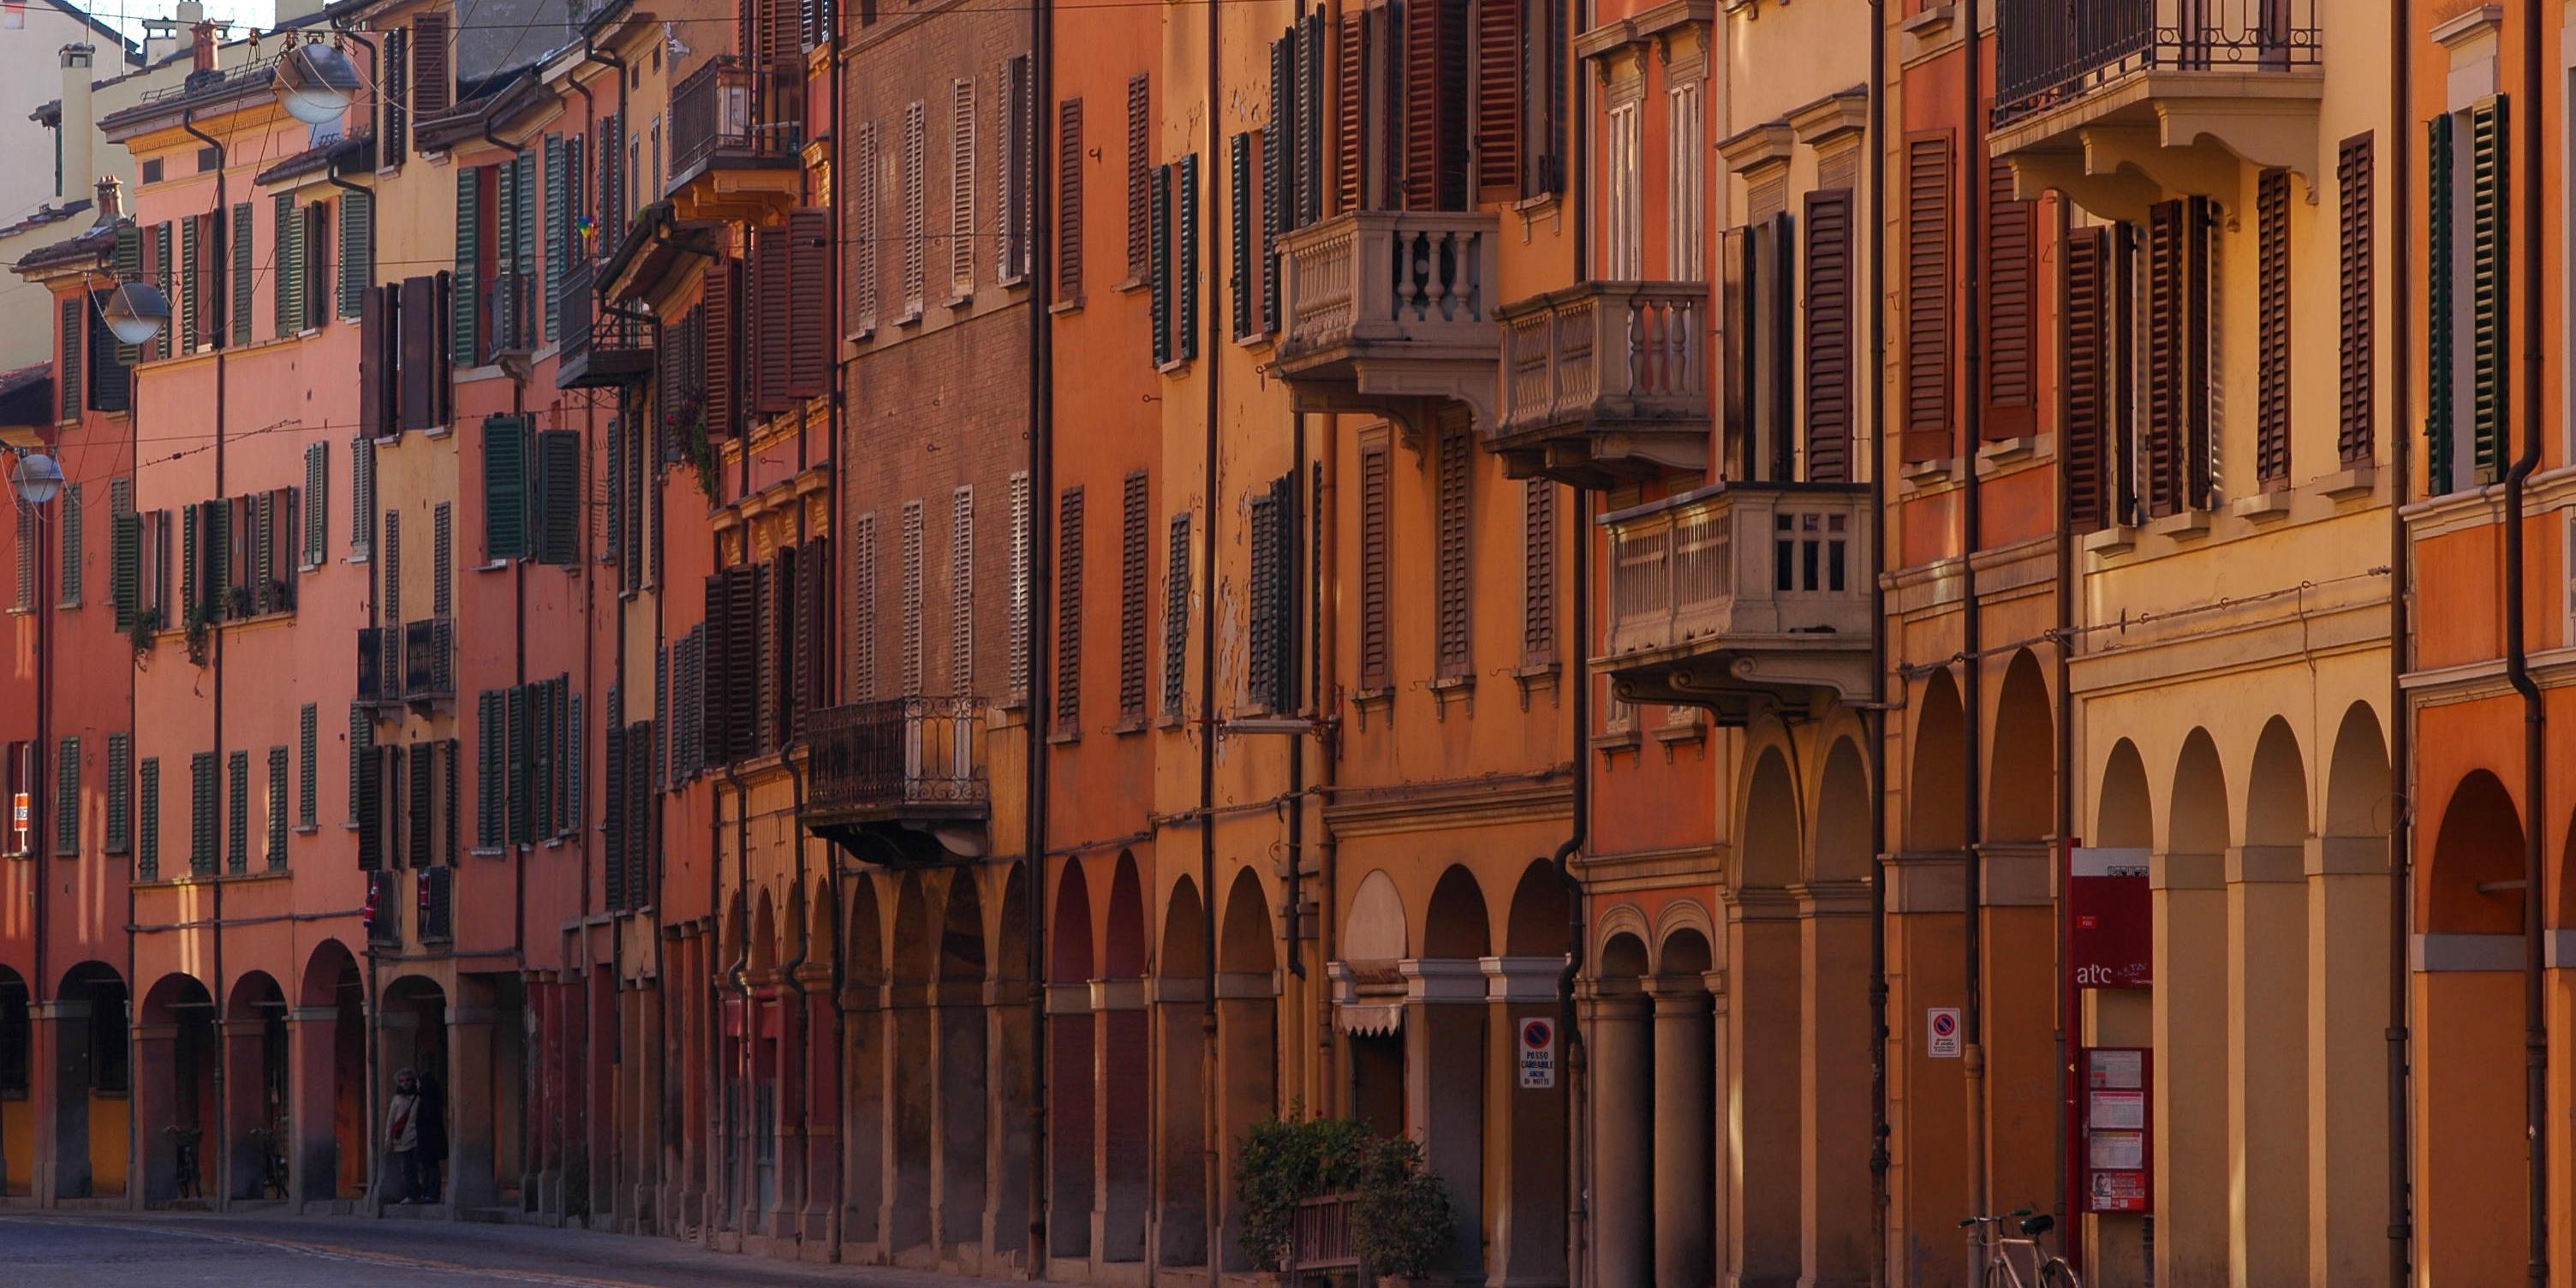 bologna centro storico immagini buon - photo#32